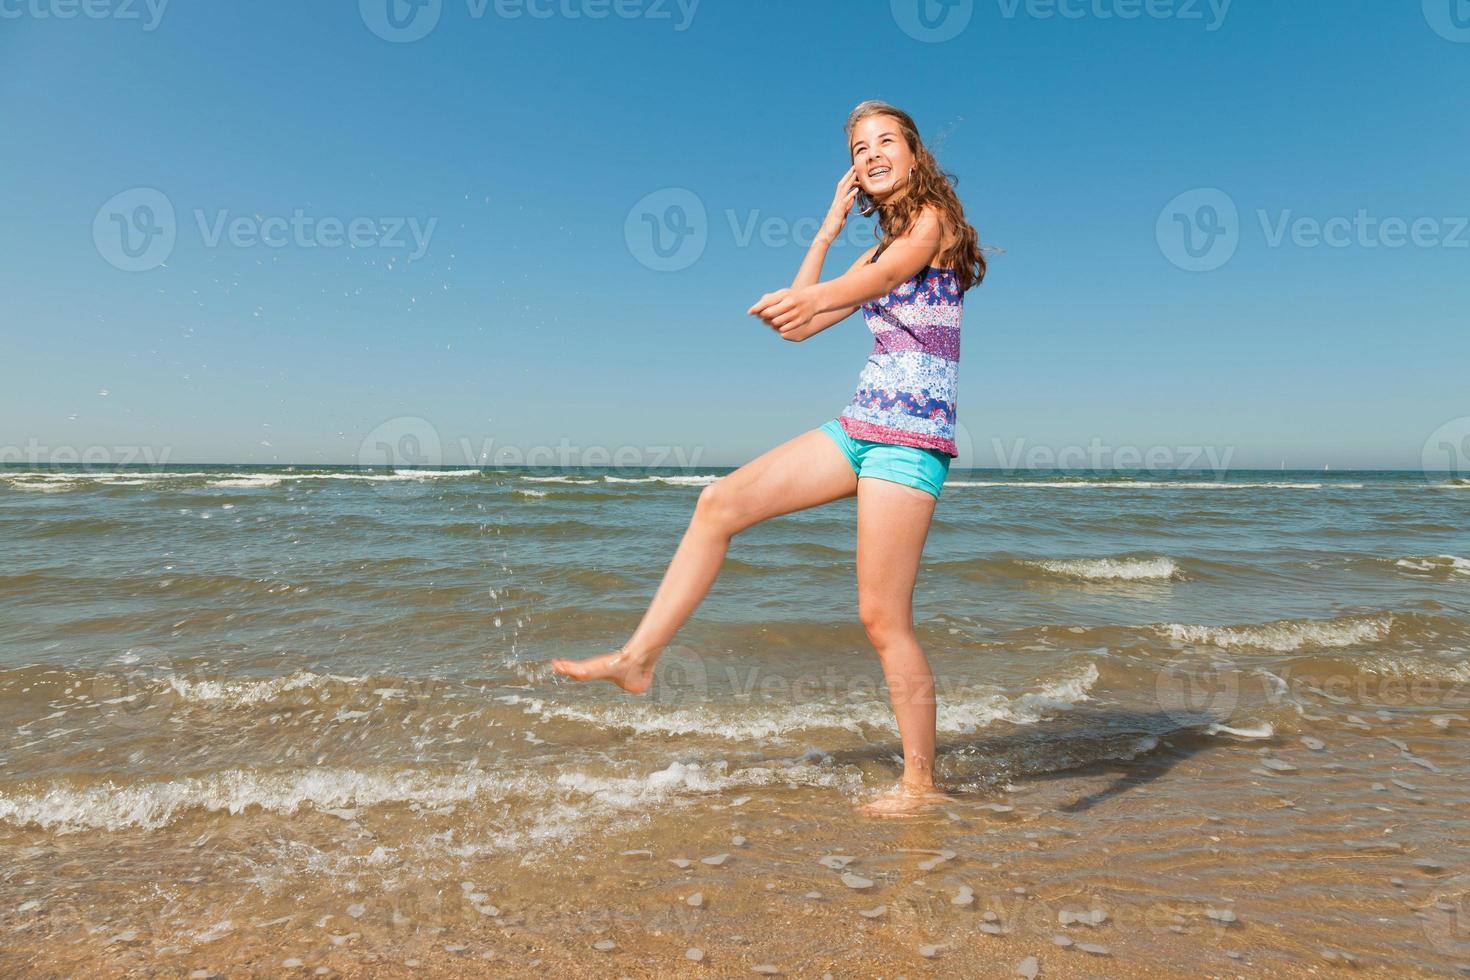 garota feliz com cabelos castanhos compridos, aproveitando a praia refrescante. foto